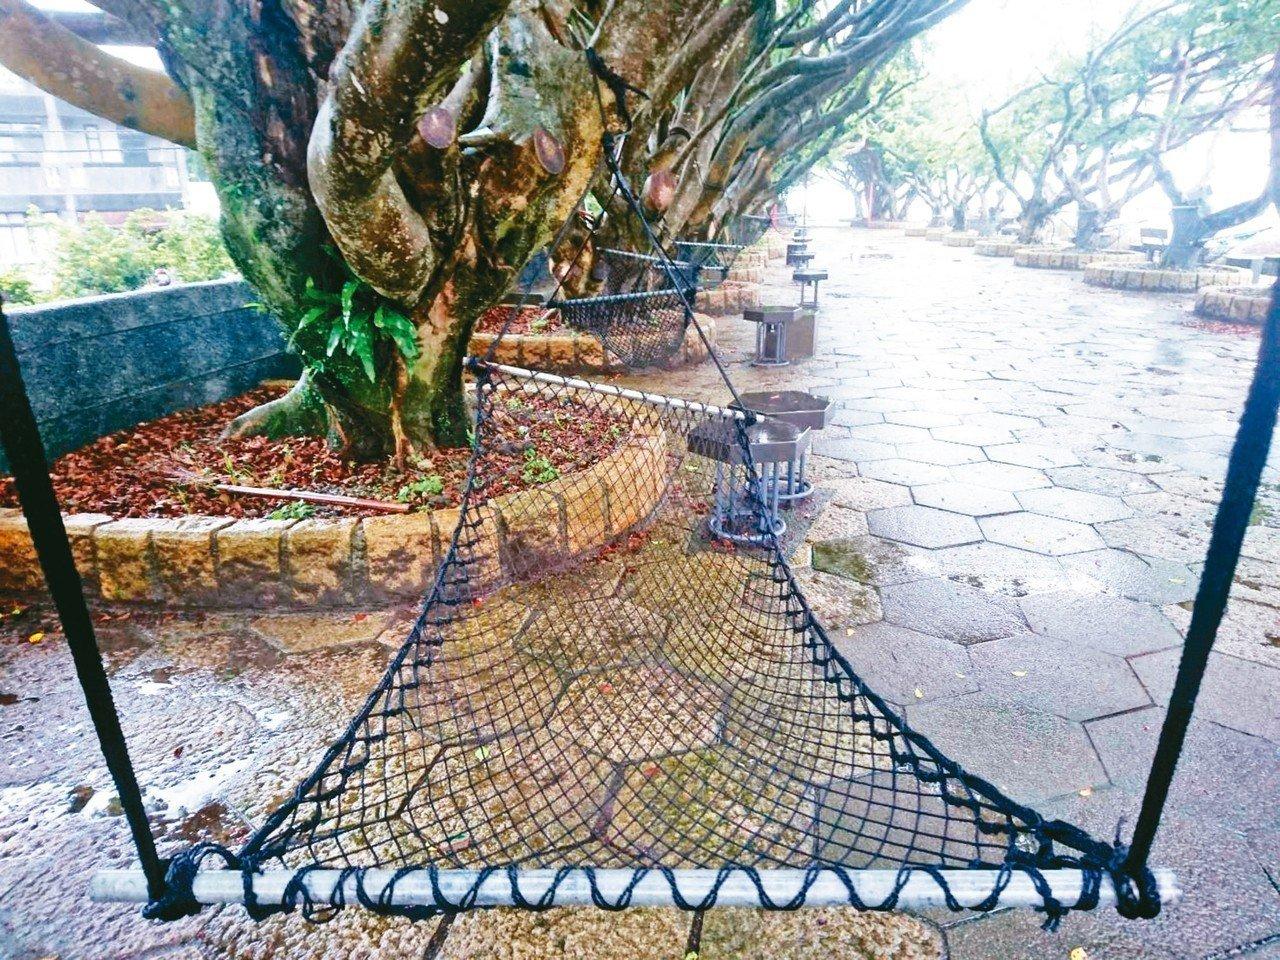 東港村榕樹公園有「漁網吊床」,遊客可乘涼尋夢。 記者羅建旺/攝影